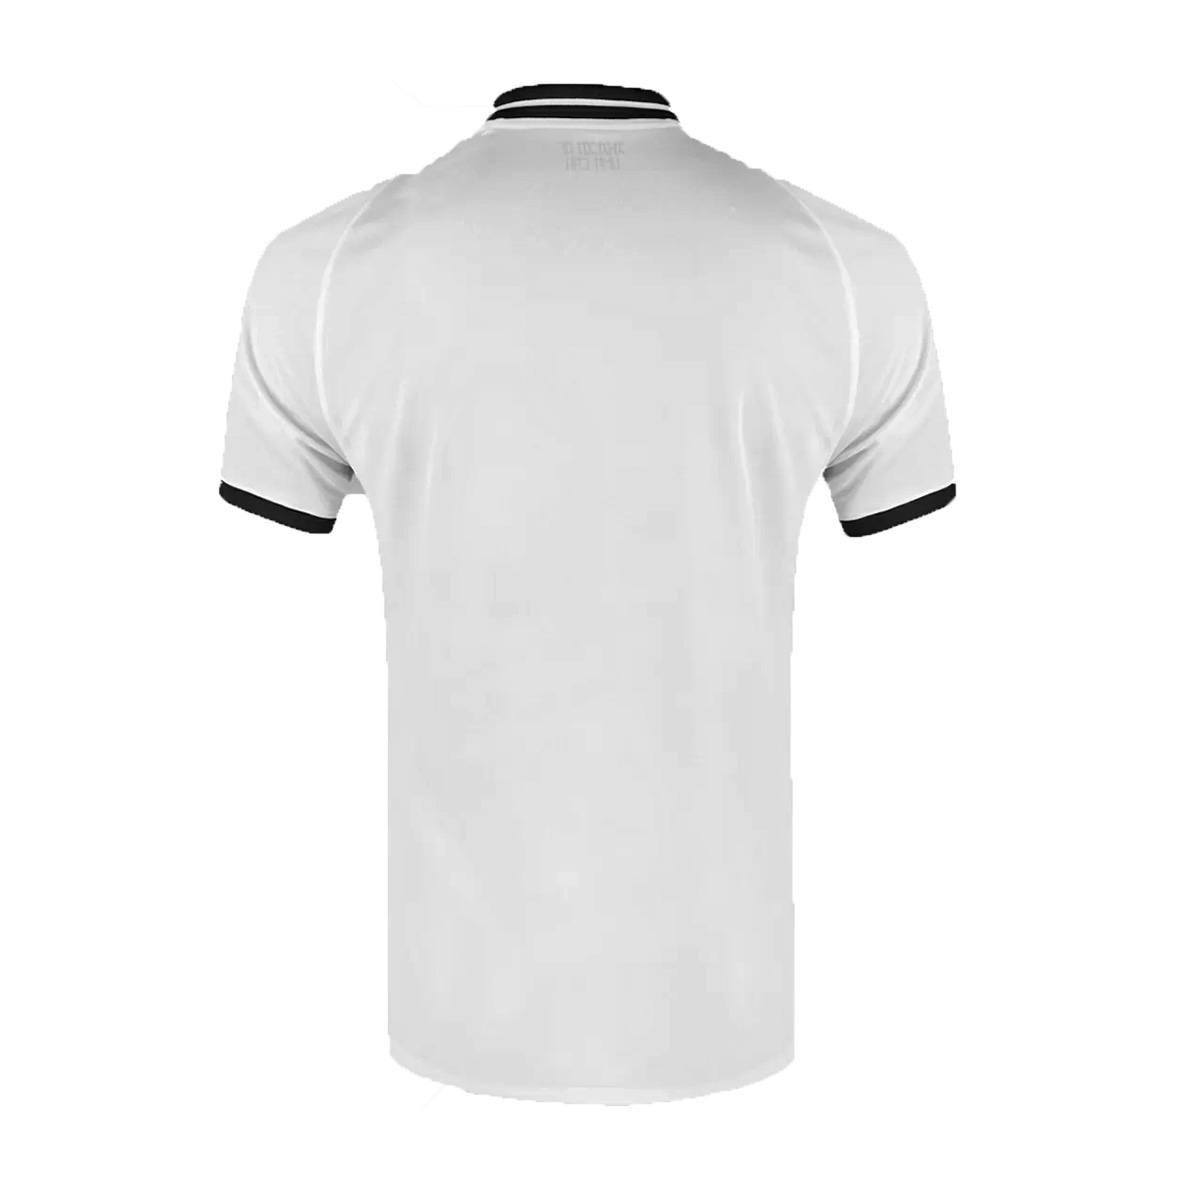 Camisa Corinthians I 20/21 s/n° Torcedor Nike Masculina